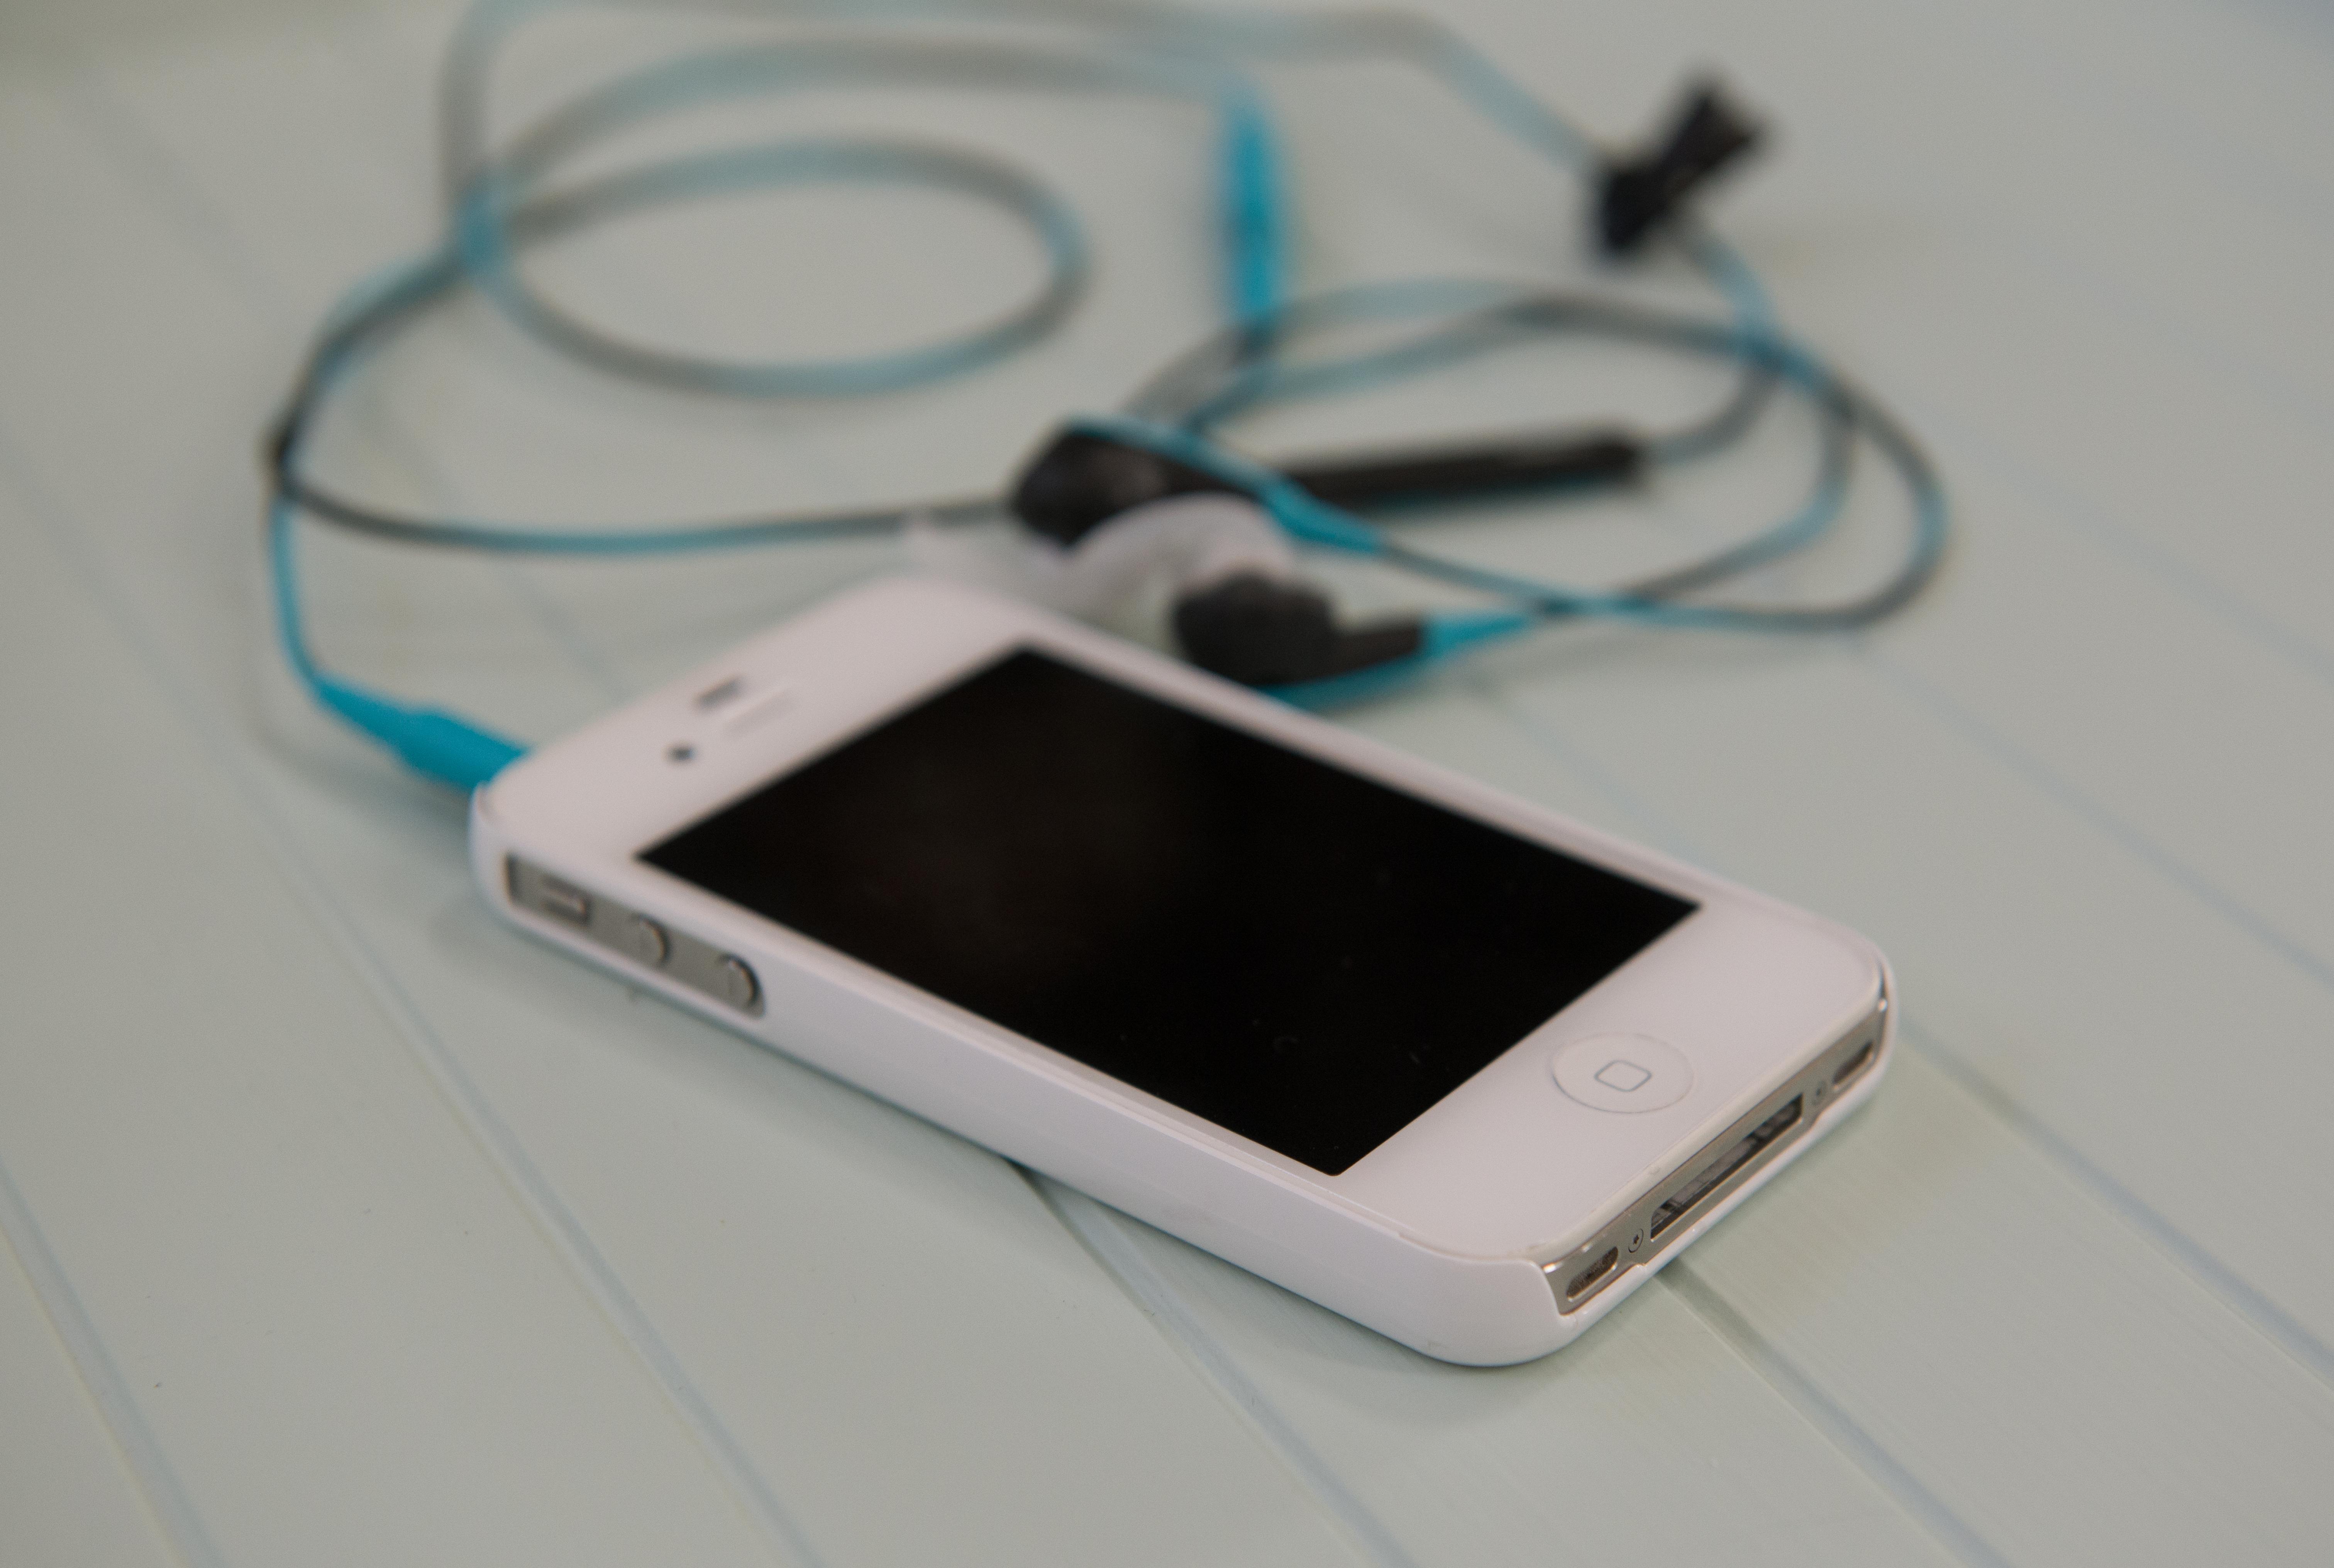 iphone, tech etiquette